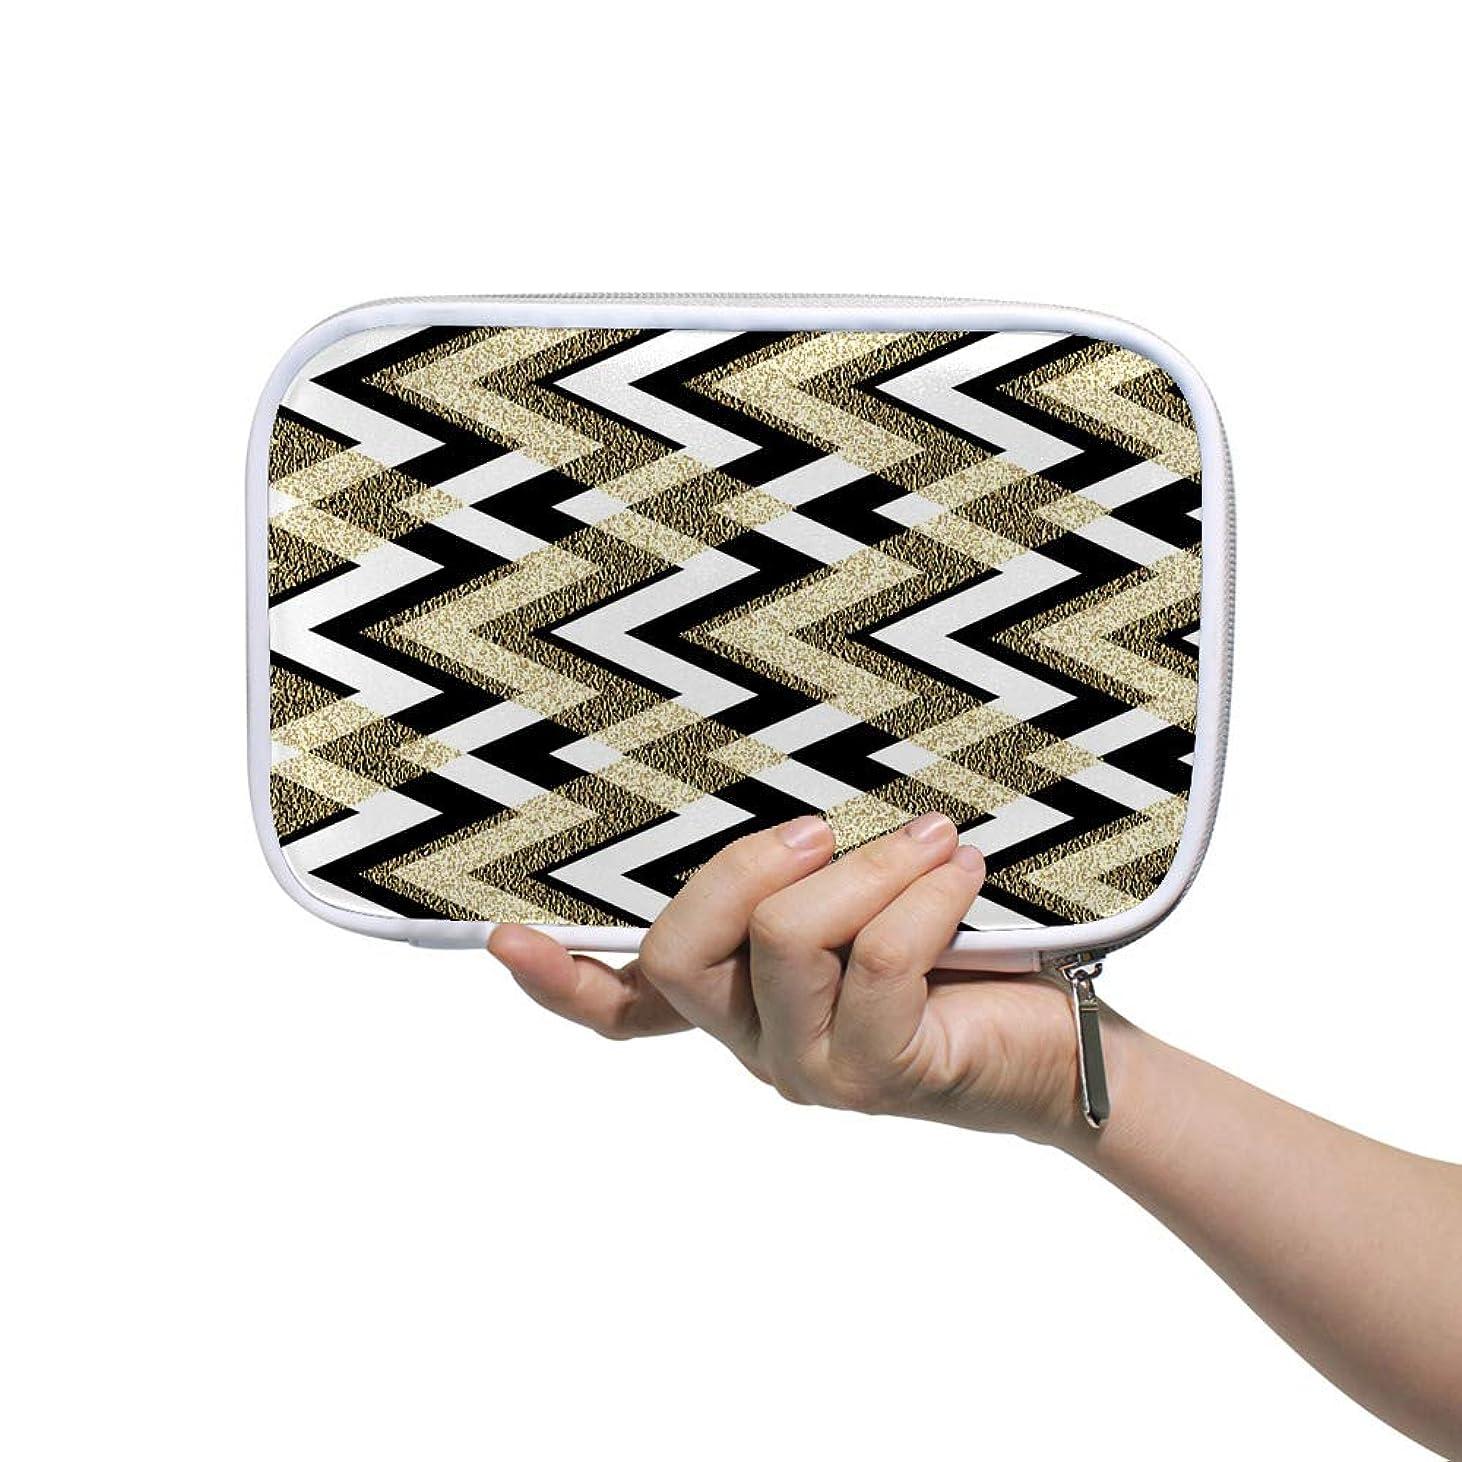 秋タイプライター不従順ZHIMI 化粧ポーチ メイクポーチ レディース コンパクト 柔らかい おしゃれ コスメケース 化粧品収納バッグ 機能的 防水 軽量 小物入れ 出張 海外旅行グッズ パスポートケースとしても適用